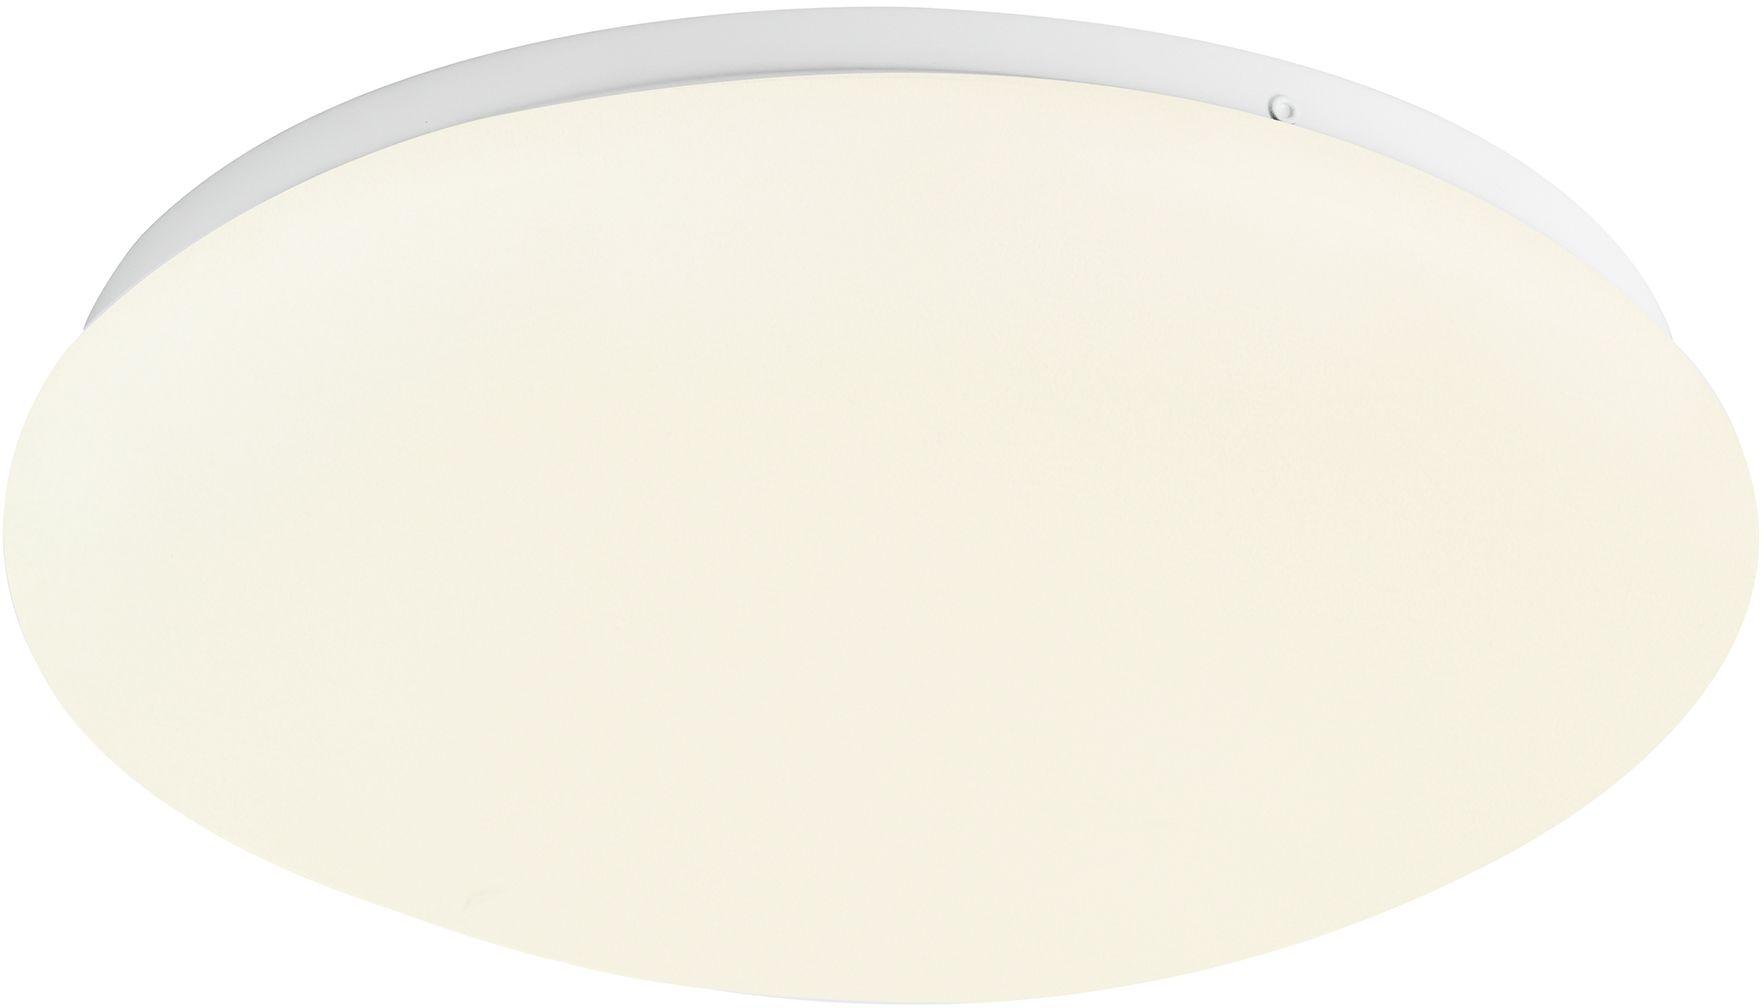 Zuma Line RLX96437-1M CARPI plafon lampa sufitowa biały LED 18W 4000K 34cm